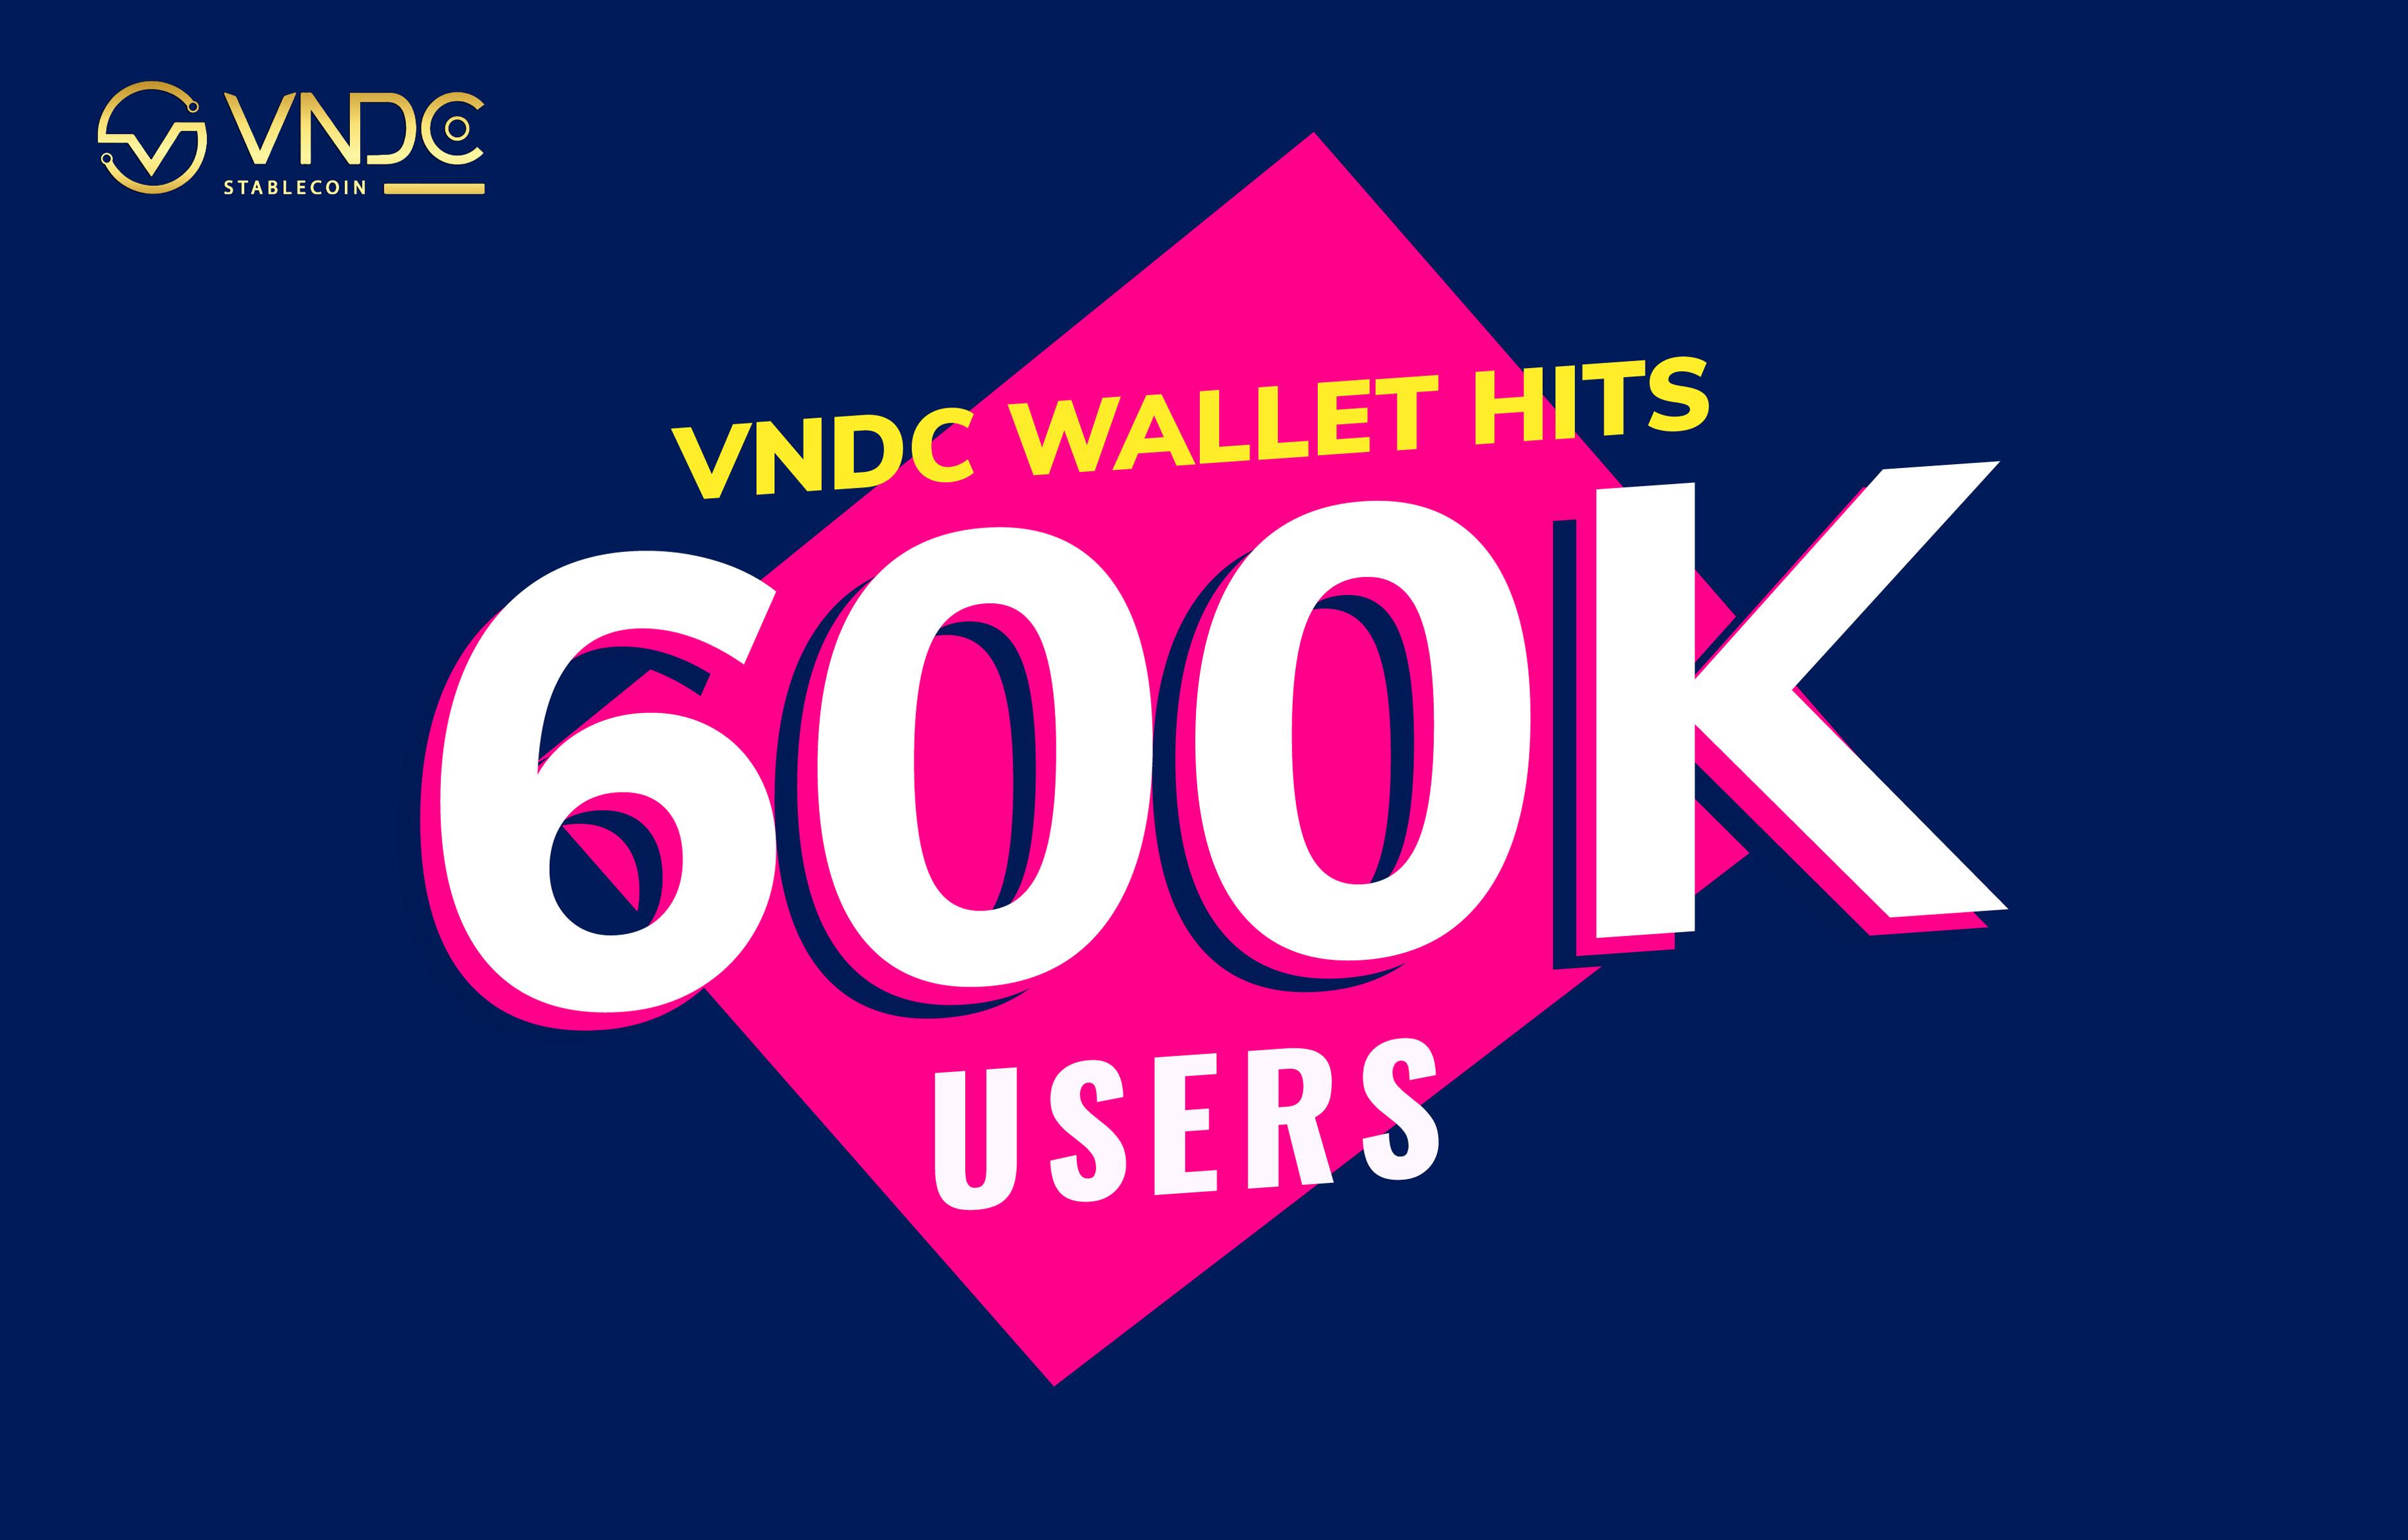 VNDC Wallet vượt mốc 600,000 người sử dụng sau 5 tháng ra mắt